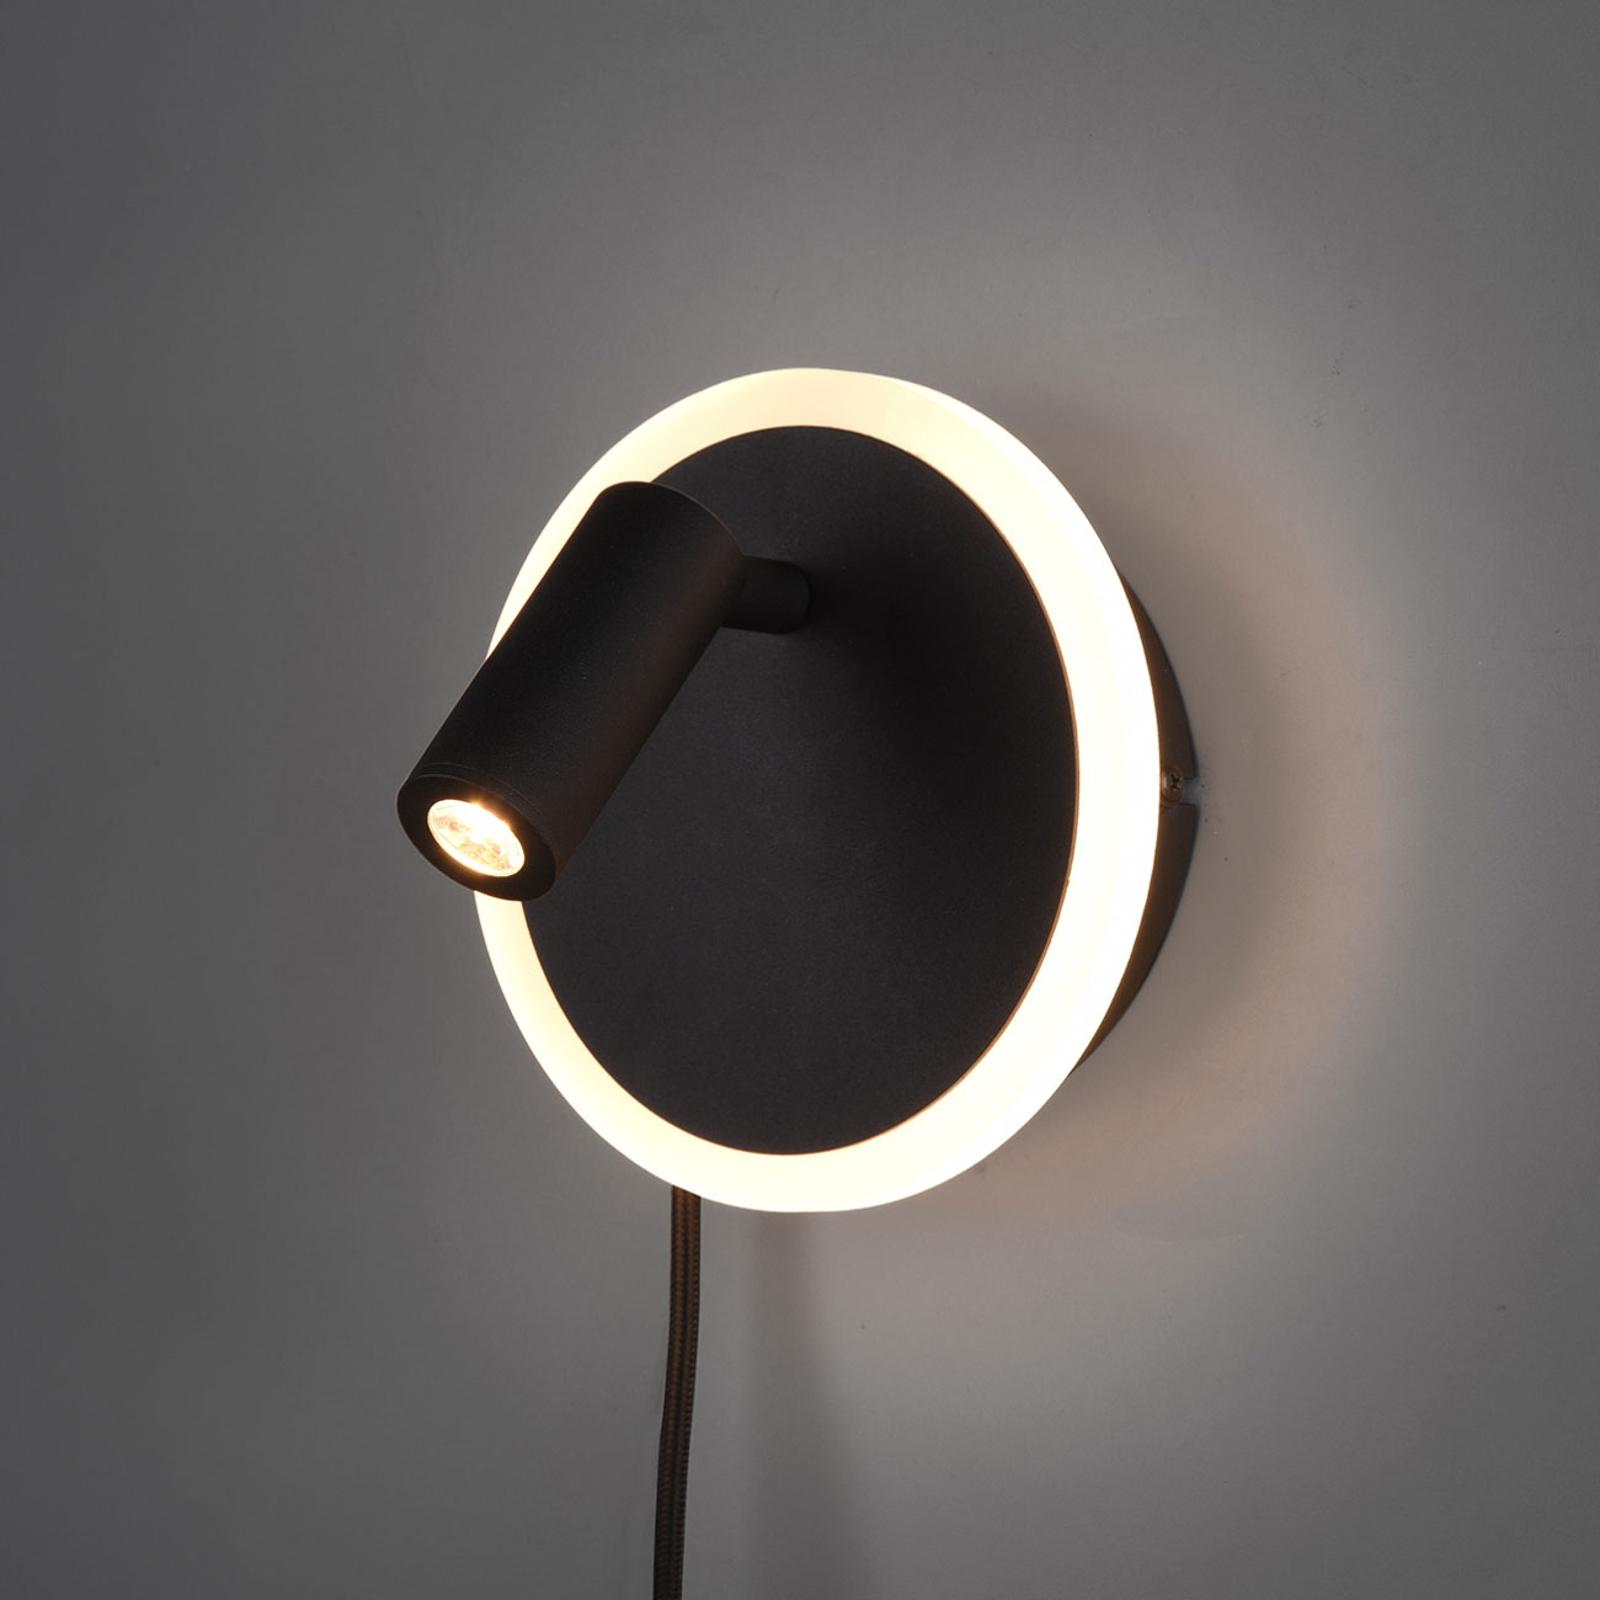 LED wandlamp Jordan, 2-lamps, zwart